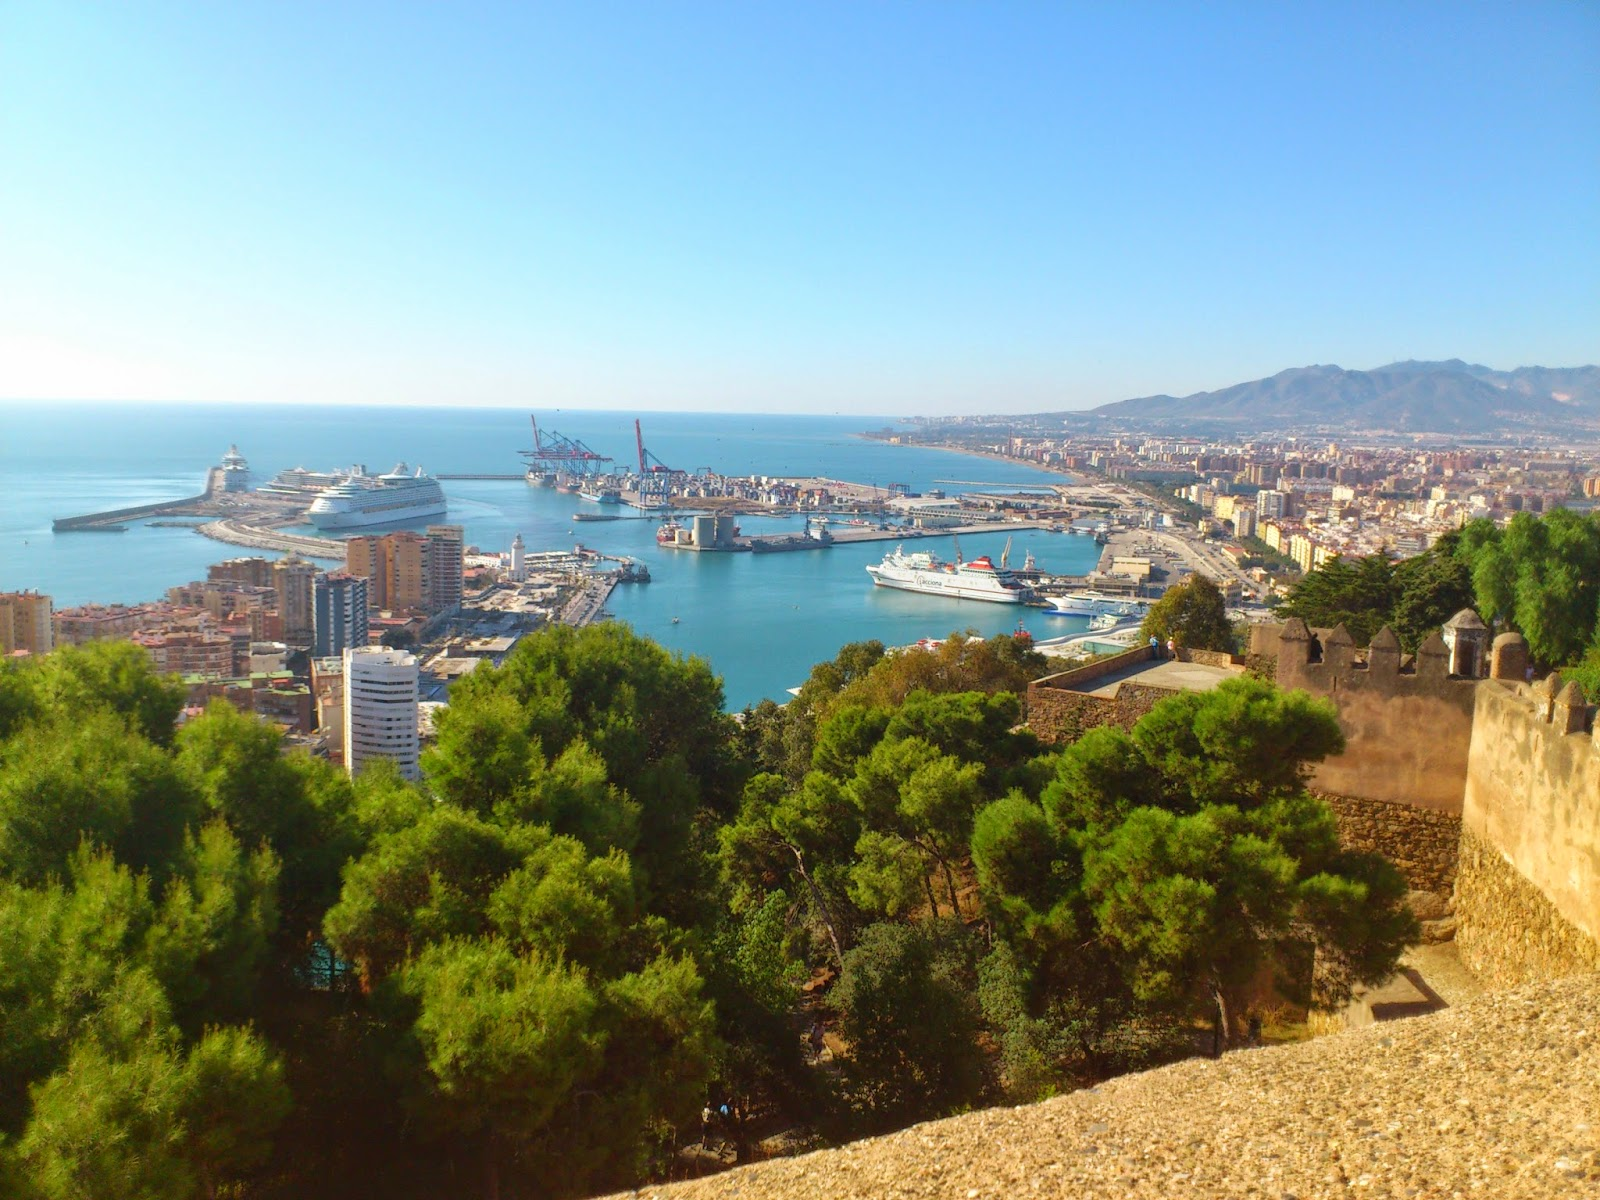 Viajero turismo la costa del sol uno de los destinos for Destinos turisticos espana